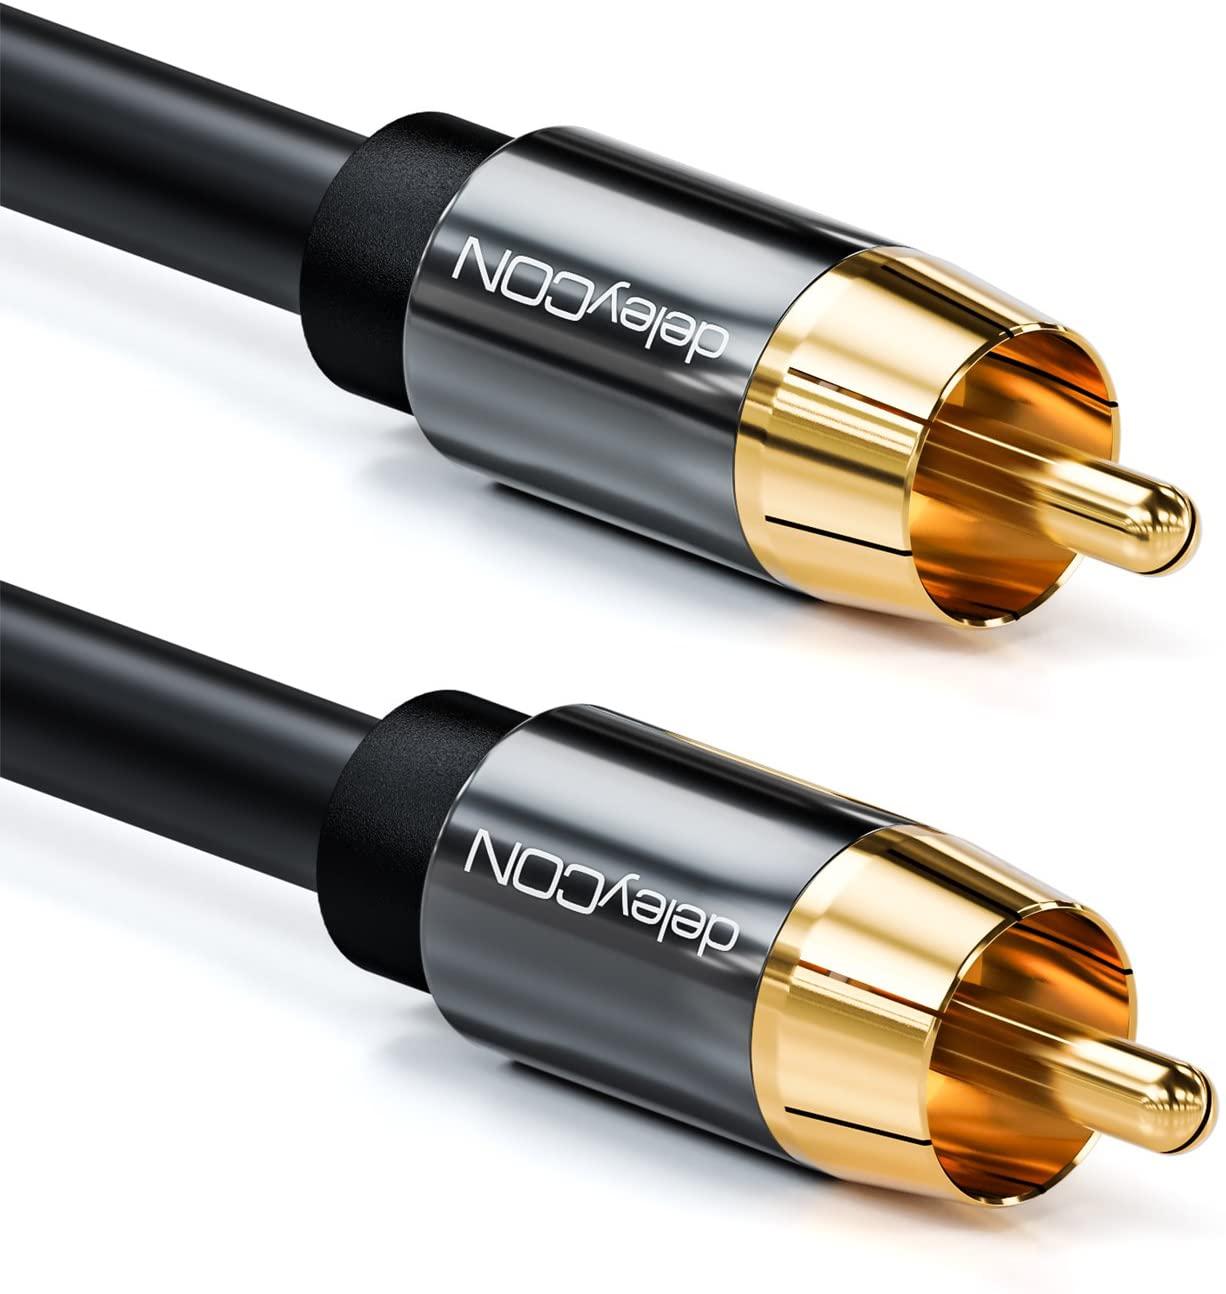 deleyCON Cable para Subwoofer 2m - Cable Coaxial Digital con Conector RCA - Contactos Chapados - Cable de Audio - Subwoofer Receptor AV Amplificador Cine de Casa